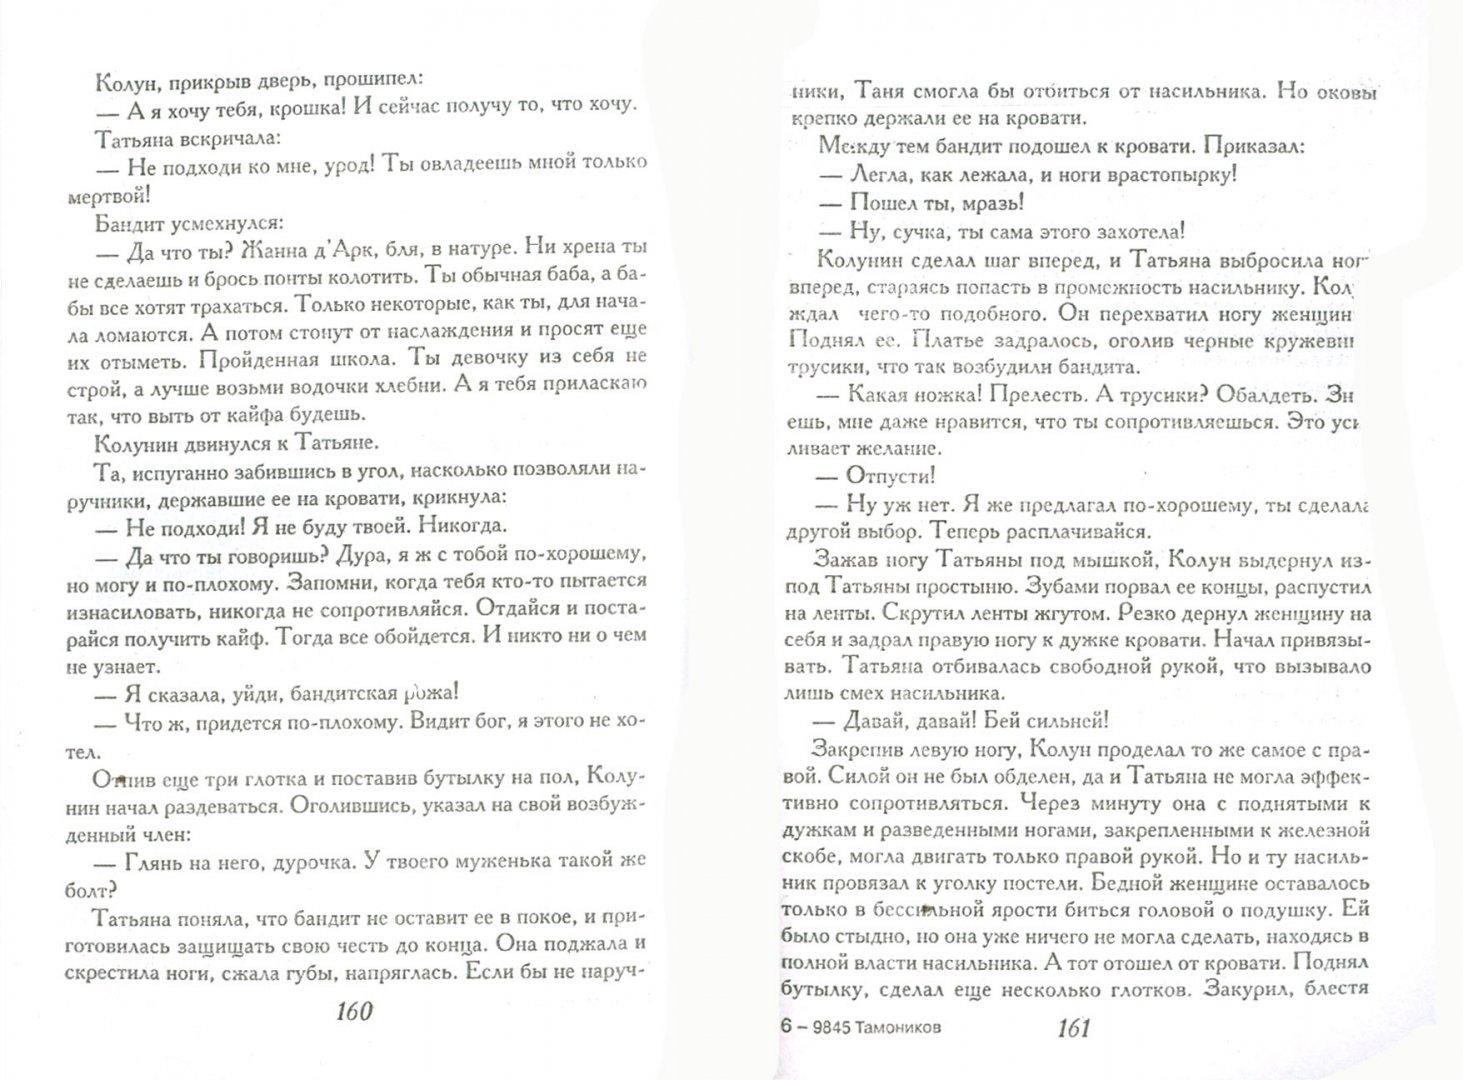 Иллюстрация 1 из 2 для И тогда он зачистил город - Александр Тамоников | Лабиринт - книги. Источник: Лабиринт